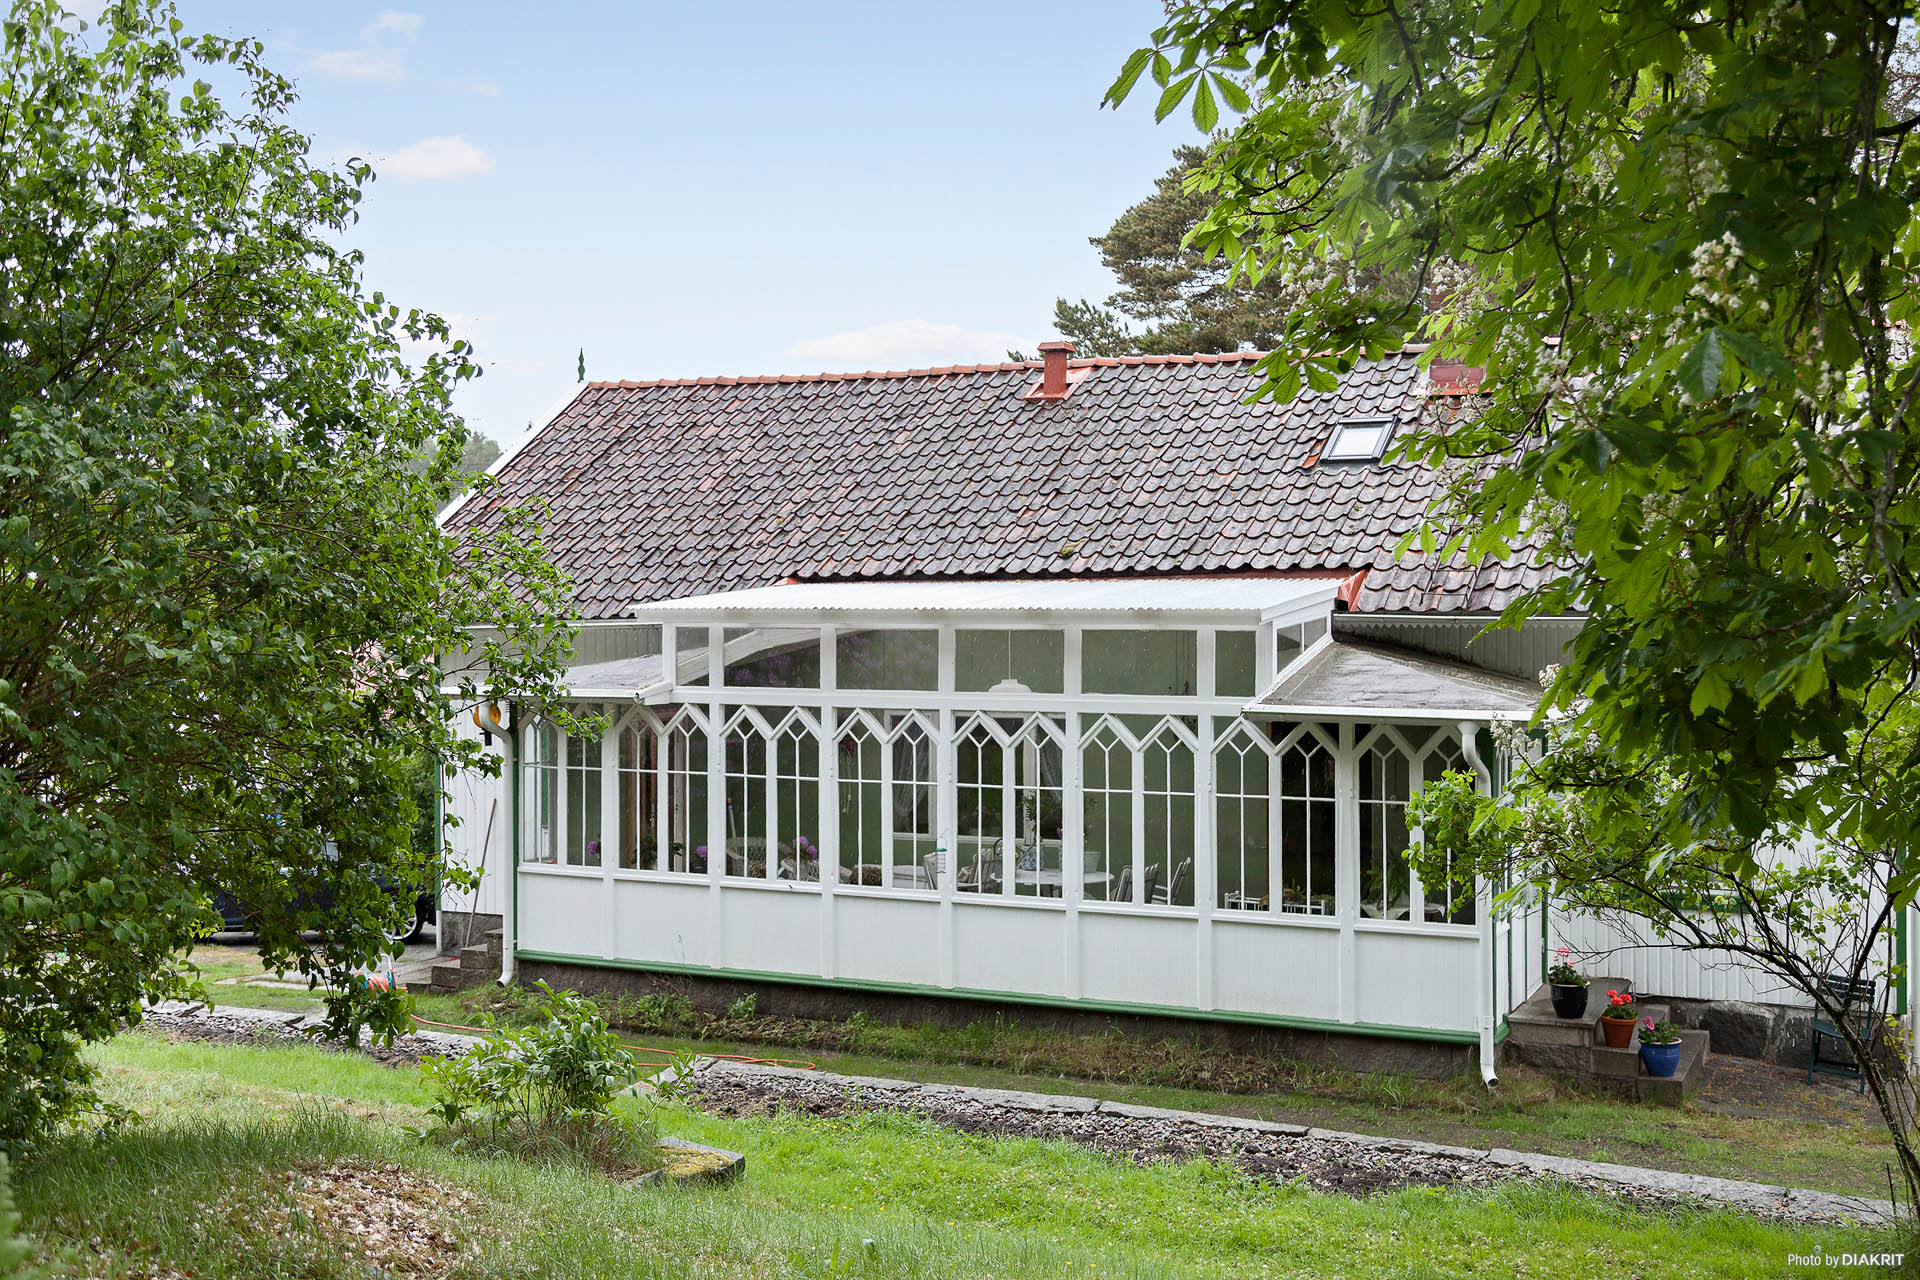 Baksidan av huset och uterummet.